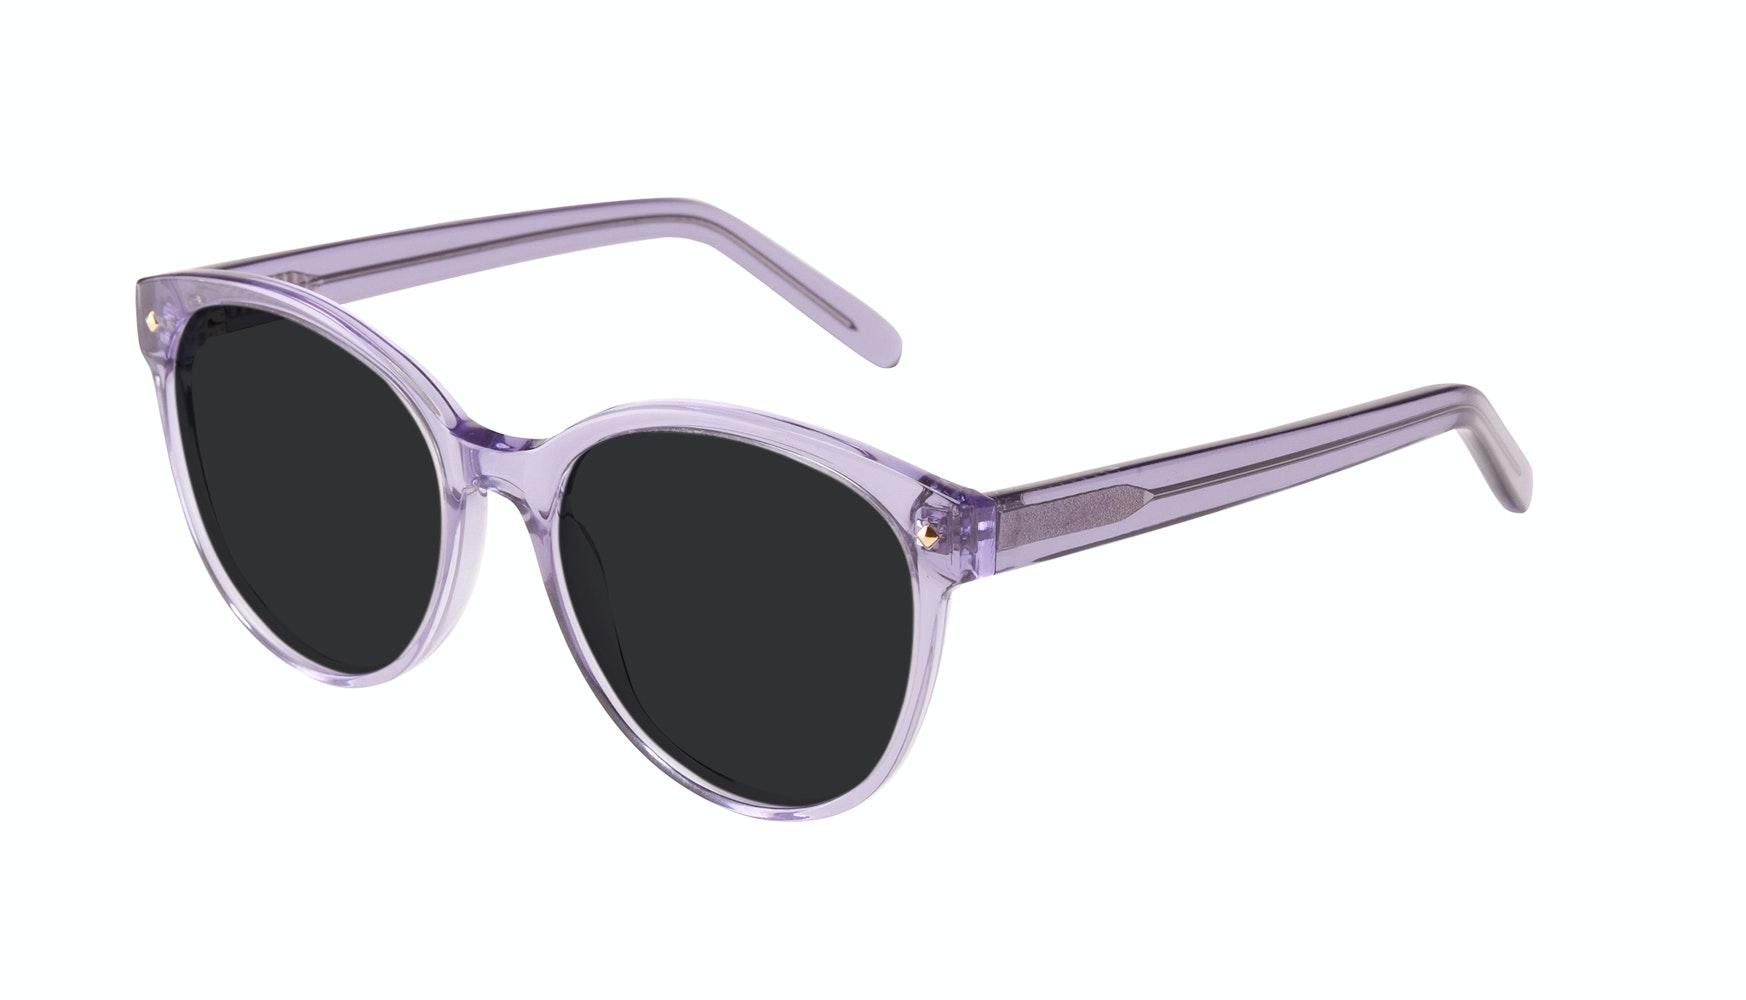 Lunettes tendance Ronde Lunettes solaires Femmes Eclipse Lavender Incliné